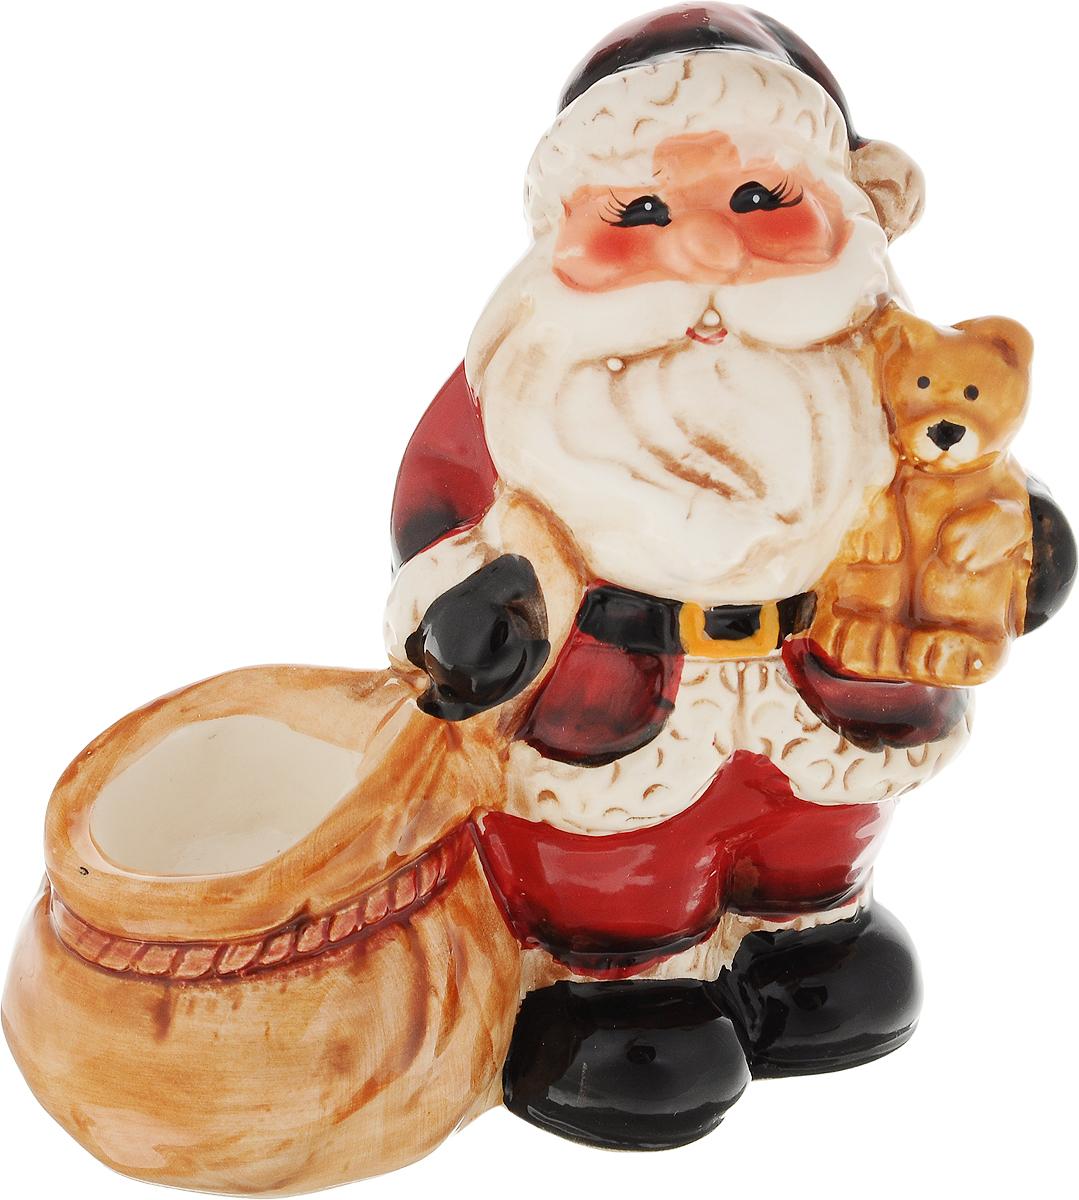 Подсвечник новогодний Win Max Дед Мороз с подарками, цвет: красный, 11 х 7 х 11 см119427Подсвечник Win Max Дед Мороз с подарками, изготовленный из керамики, станет прекрасным украшением интерьера помещения в преддверии Нового года. Подсвечник выполнен в виде Деда Мороза и мешка с подарками. Имеется отверстие для свечи (свеча в комплект не входит). Зажигать свечи в Новый год - неизменная традиция, которая позволяет наполнить дом волшебством и таинственностью новогодней ночи.